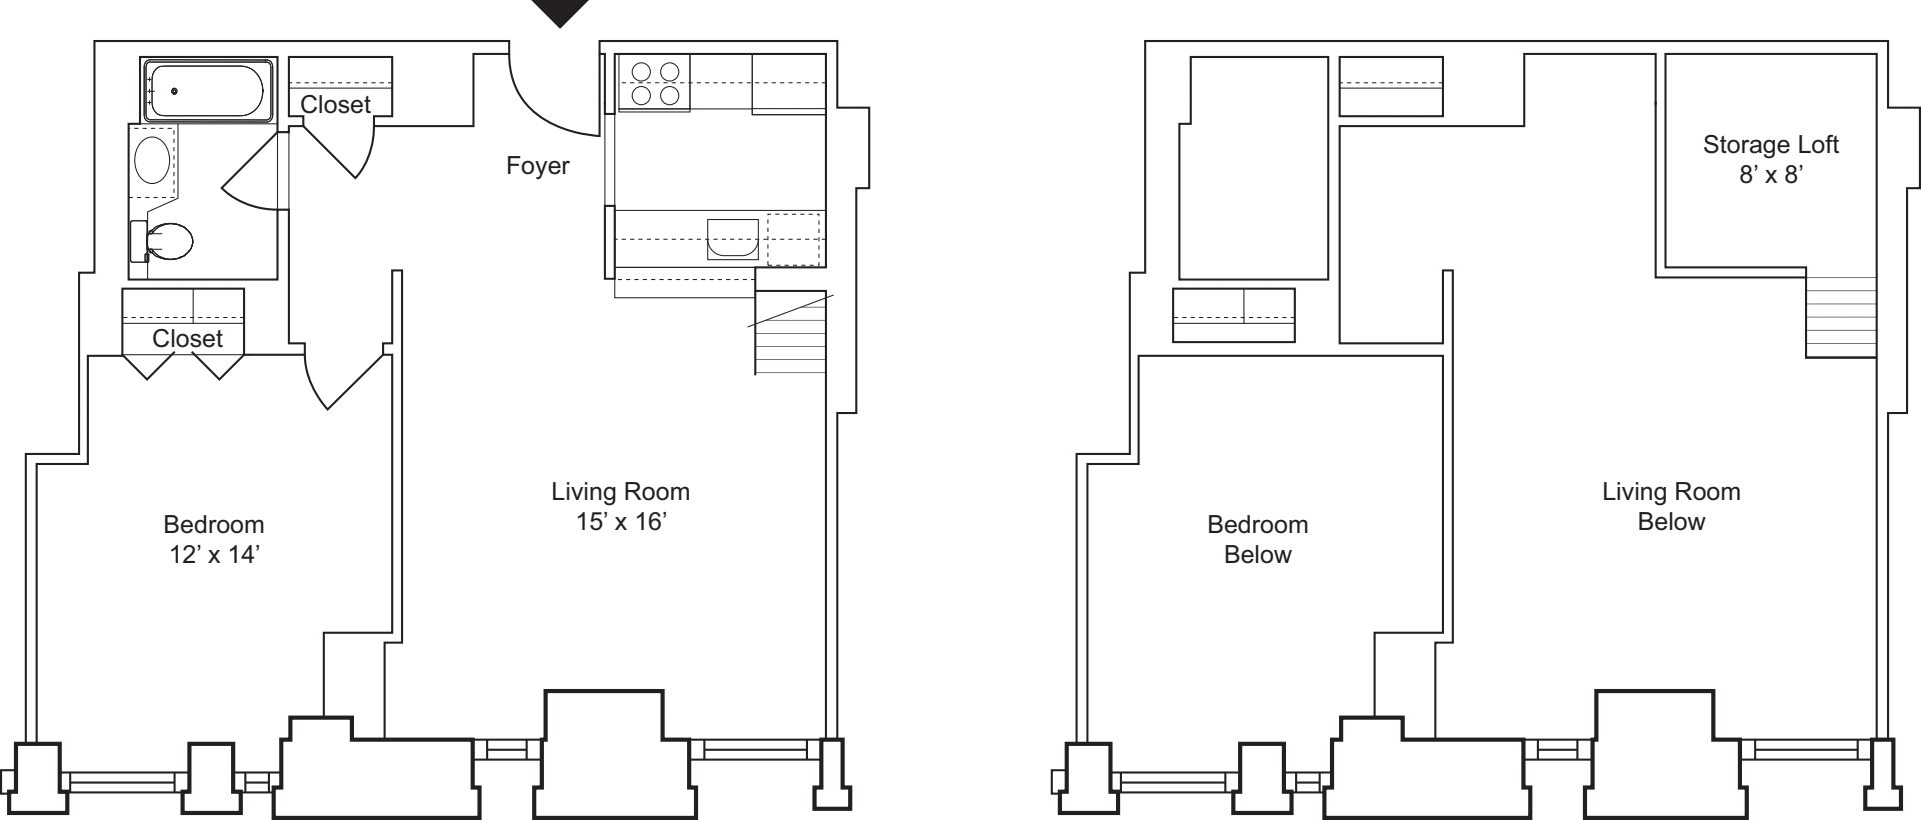 1 Bedroom I- Floors 3 & 4